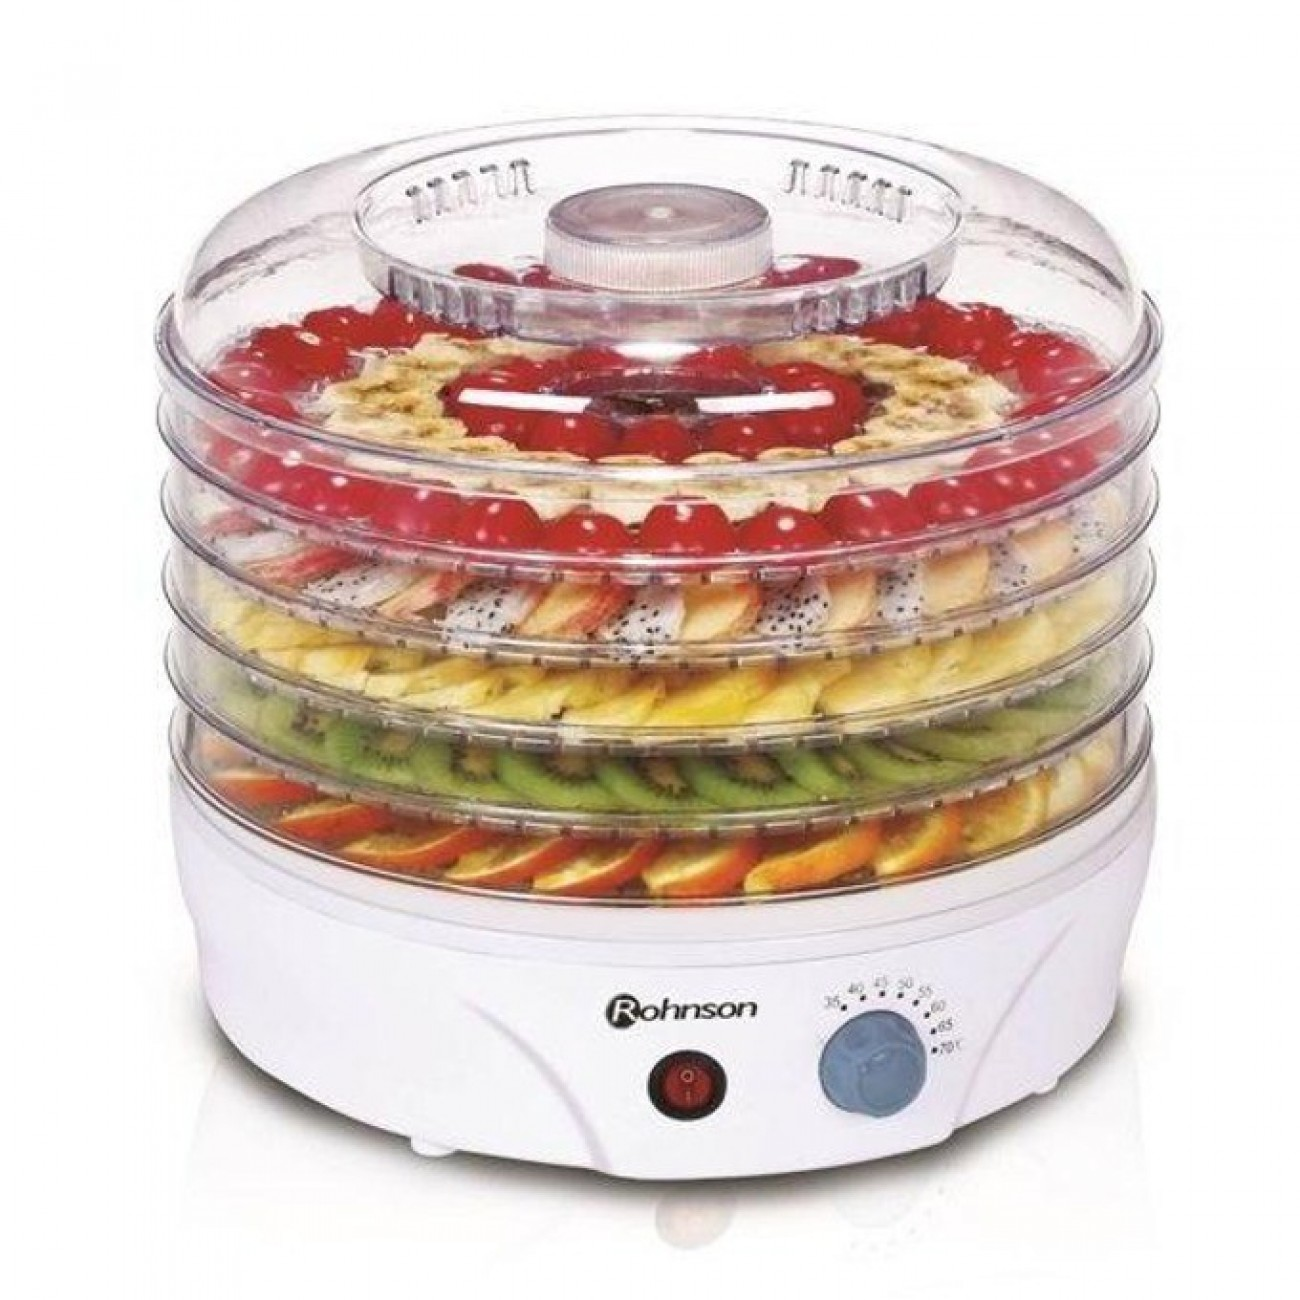 Уред за сушене на плодове и зеленчуци Rohnson R 289, регулиране на температурата 35-70 C, вентилатор за равномерно сушене, 245W в Други електроуреди -    Alleop